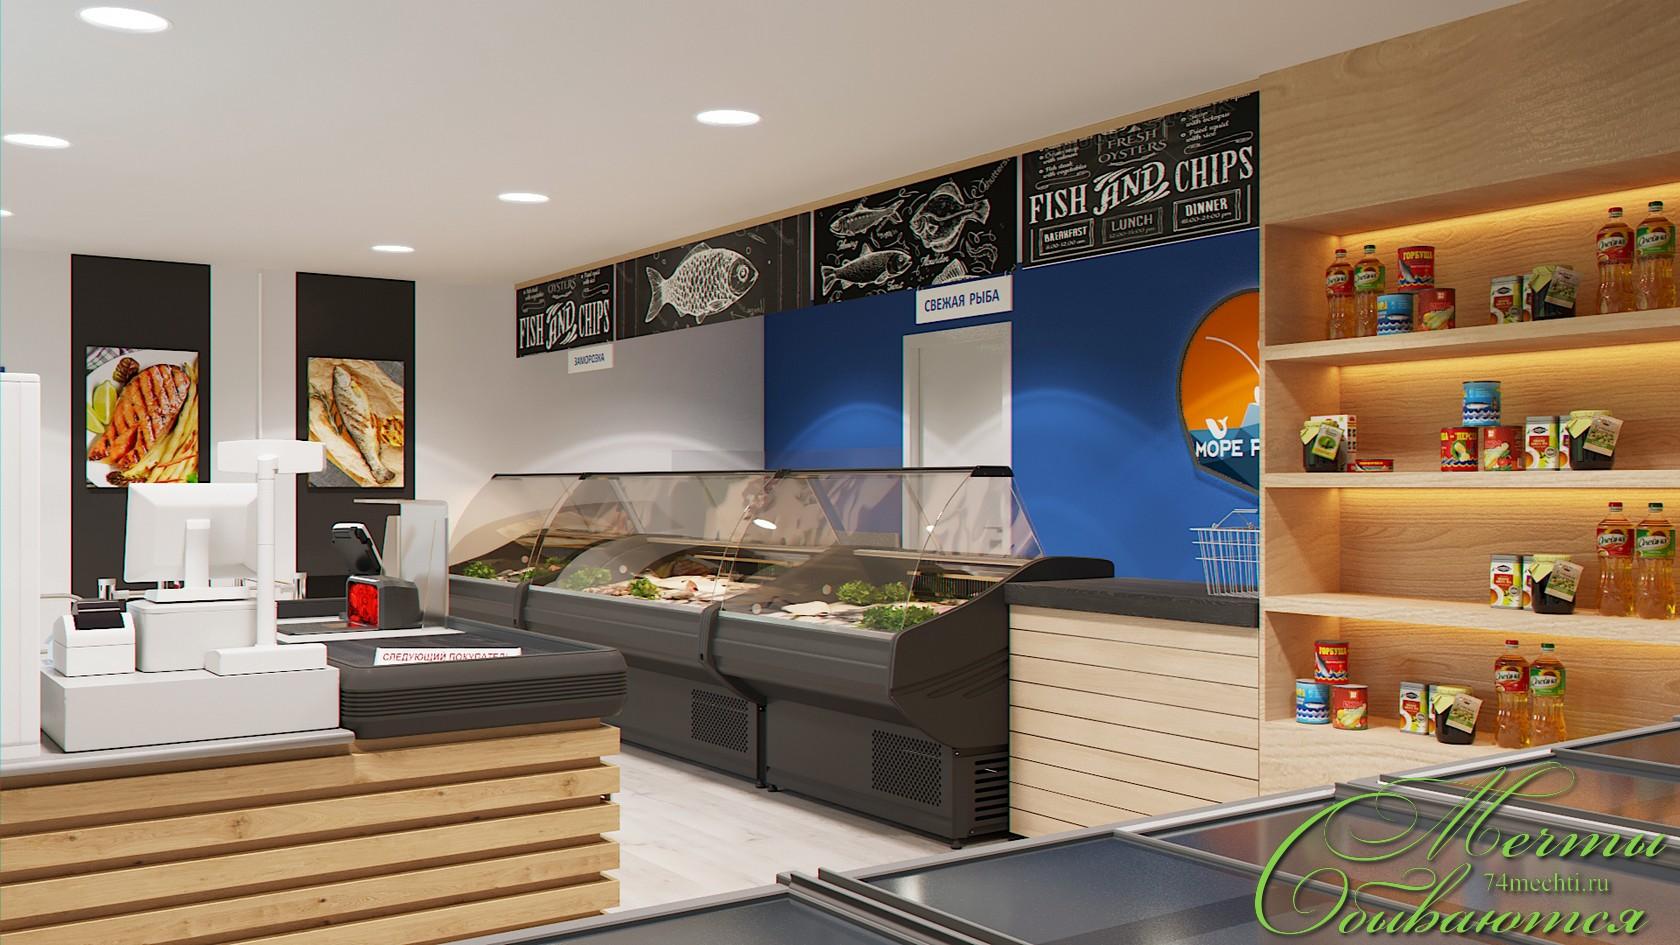 дизайн рыбного магазина фото здешних трассах